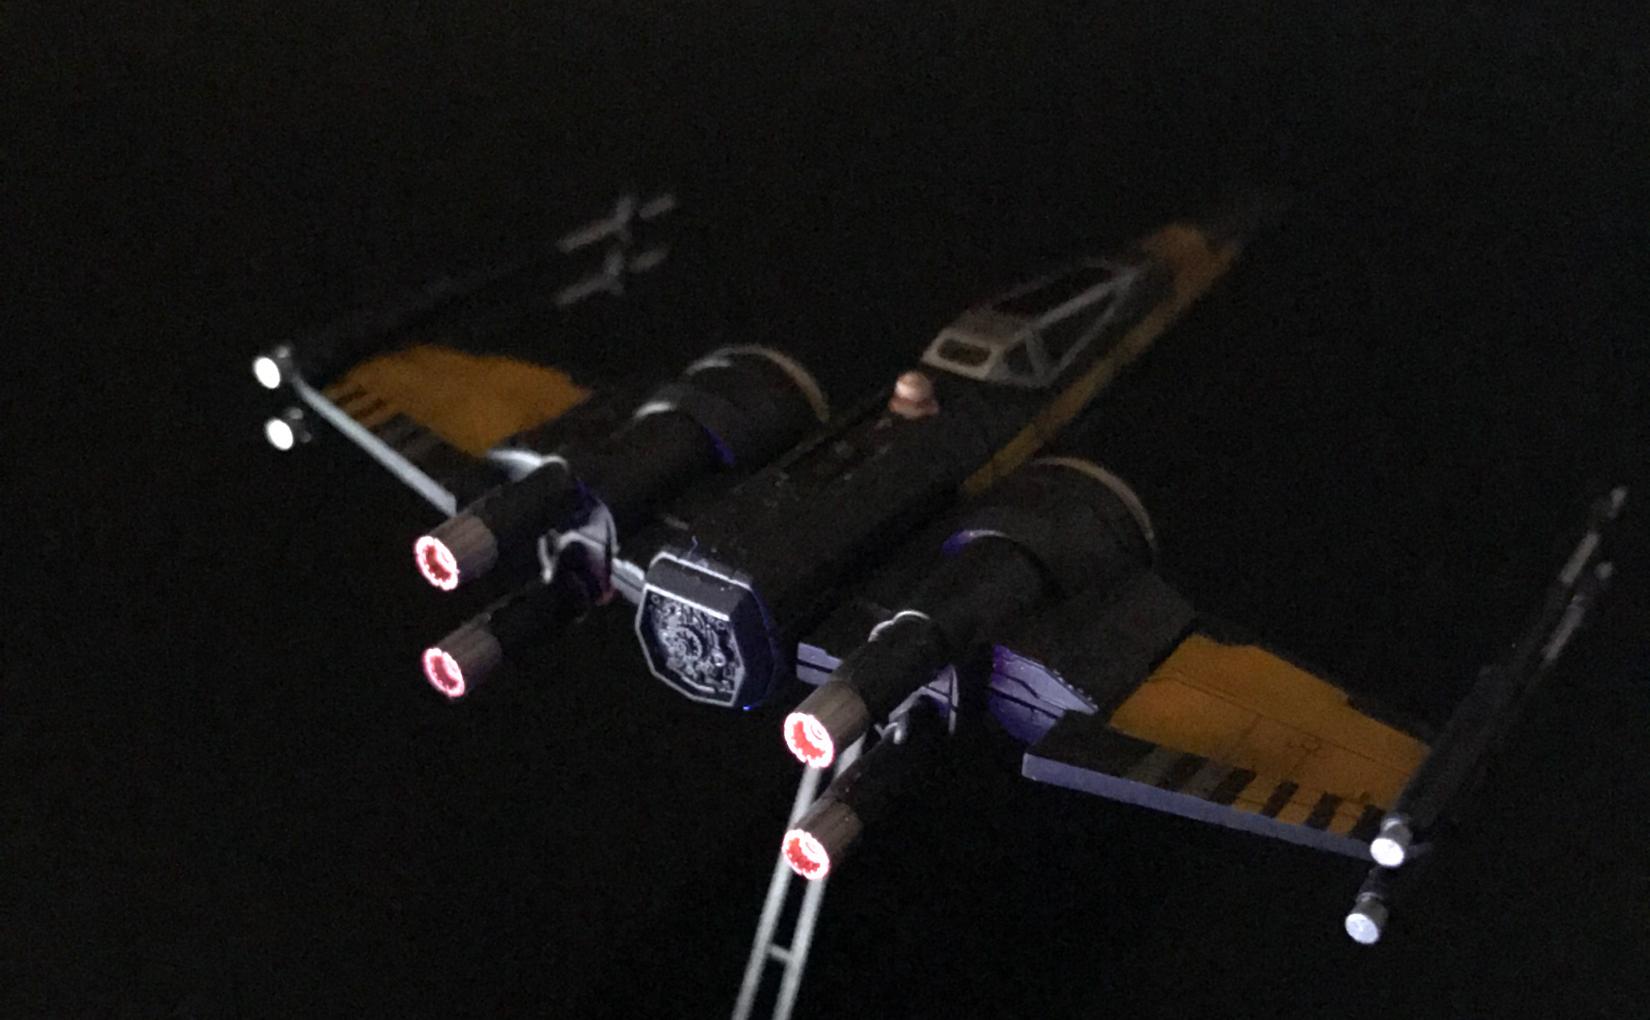 バンダイ ビークルモデル 003 Xウイング・ファイター ポー専用機